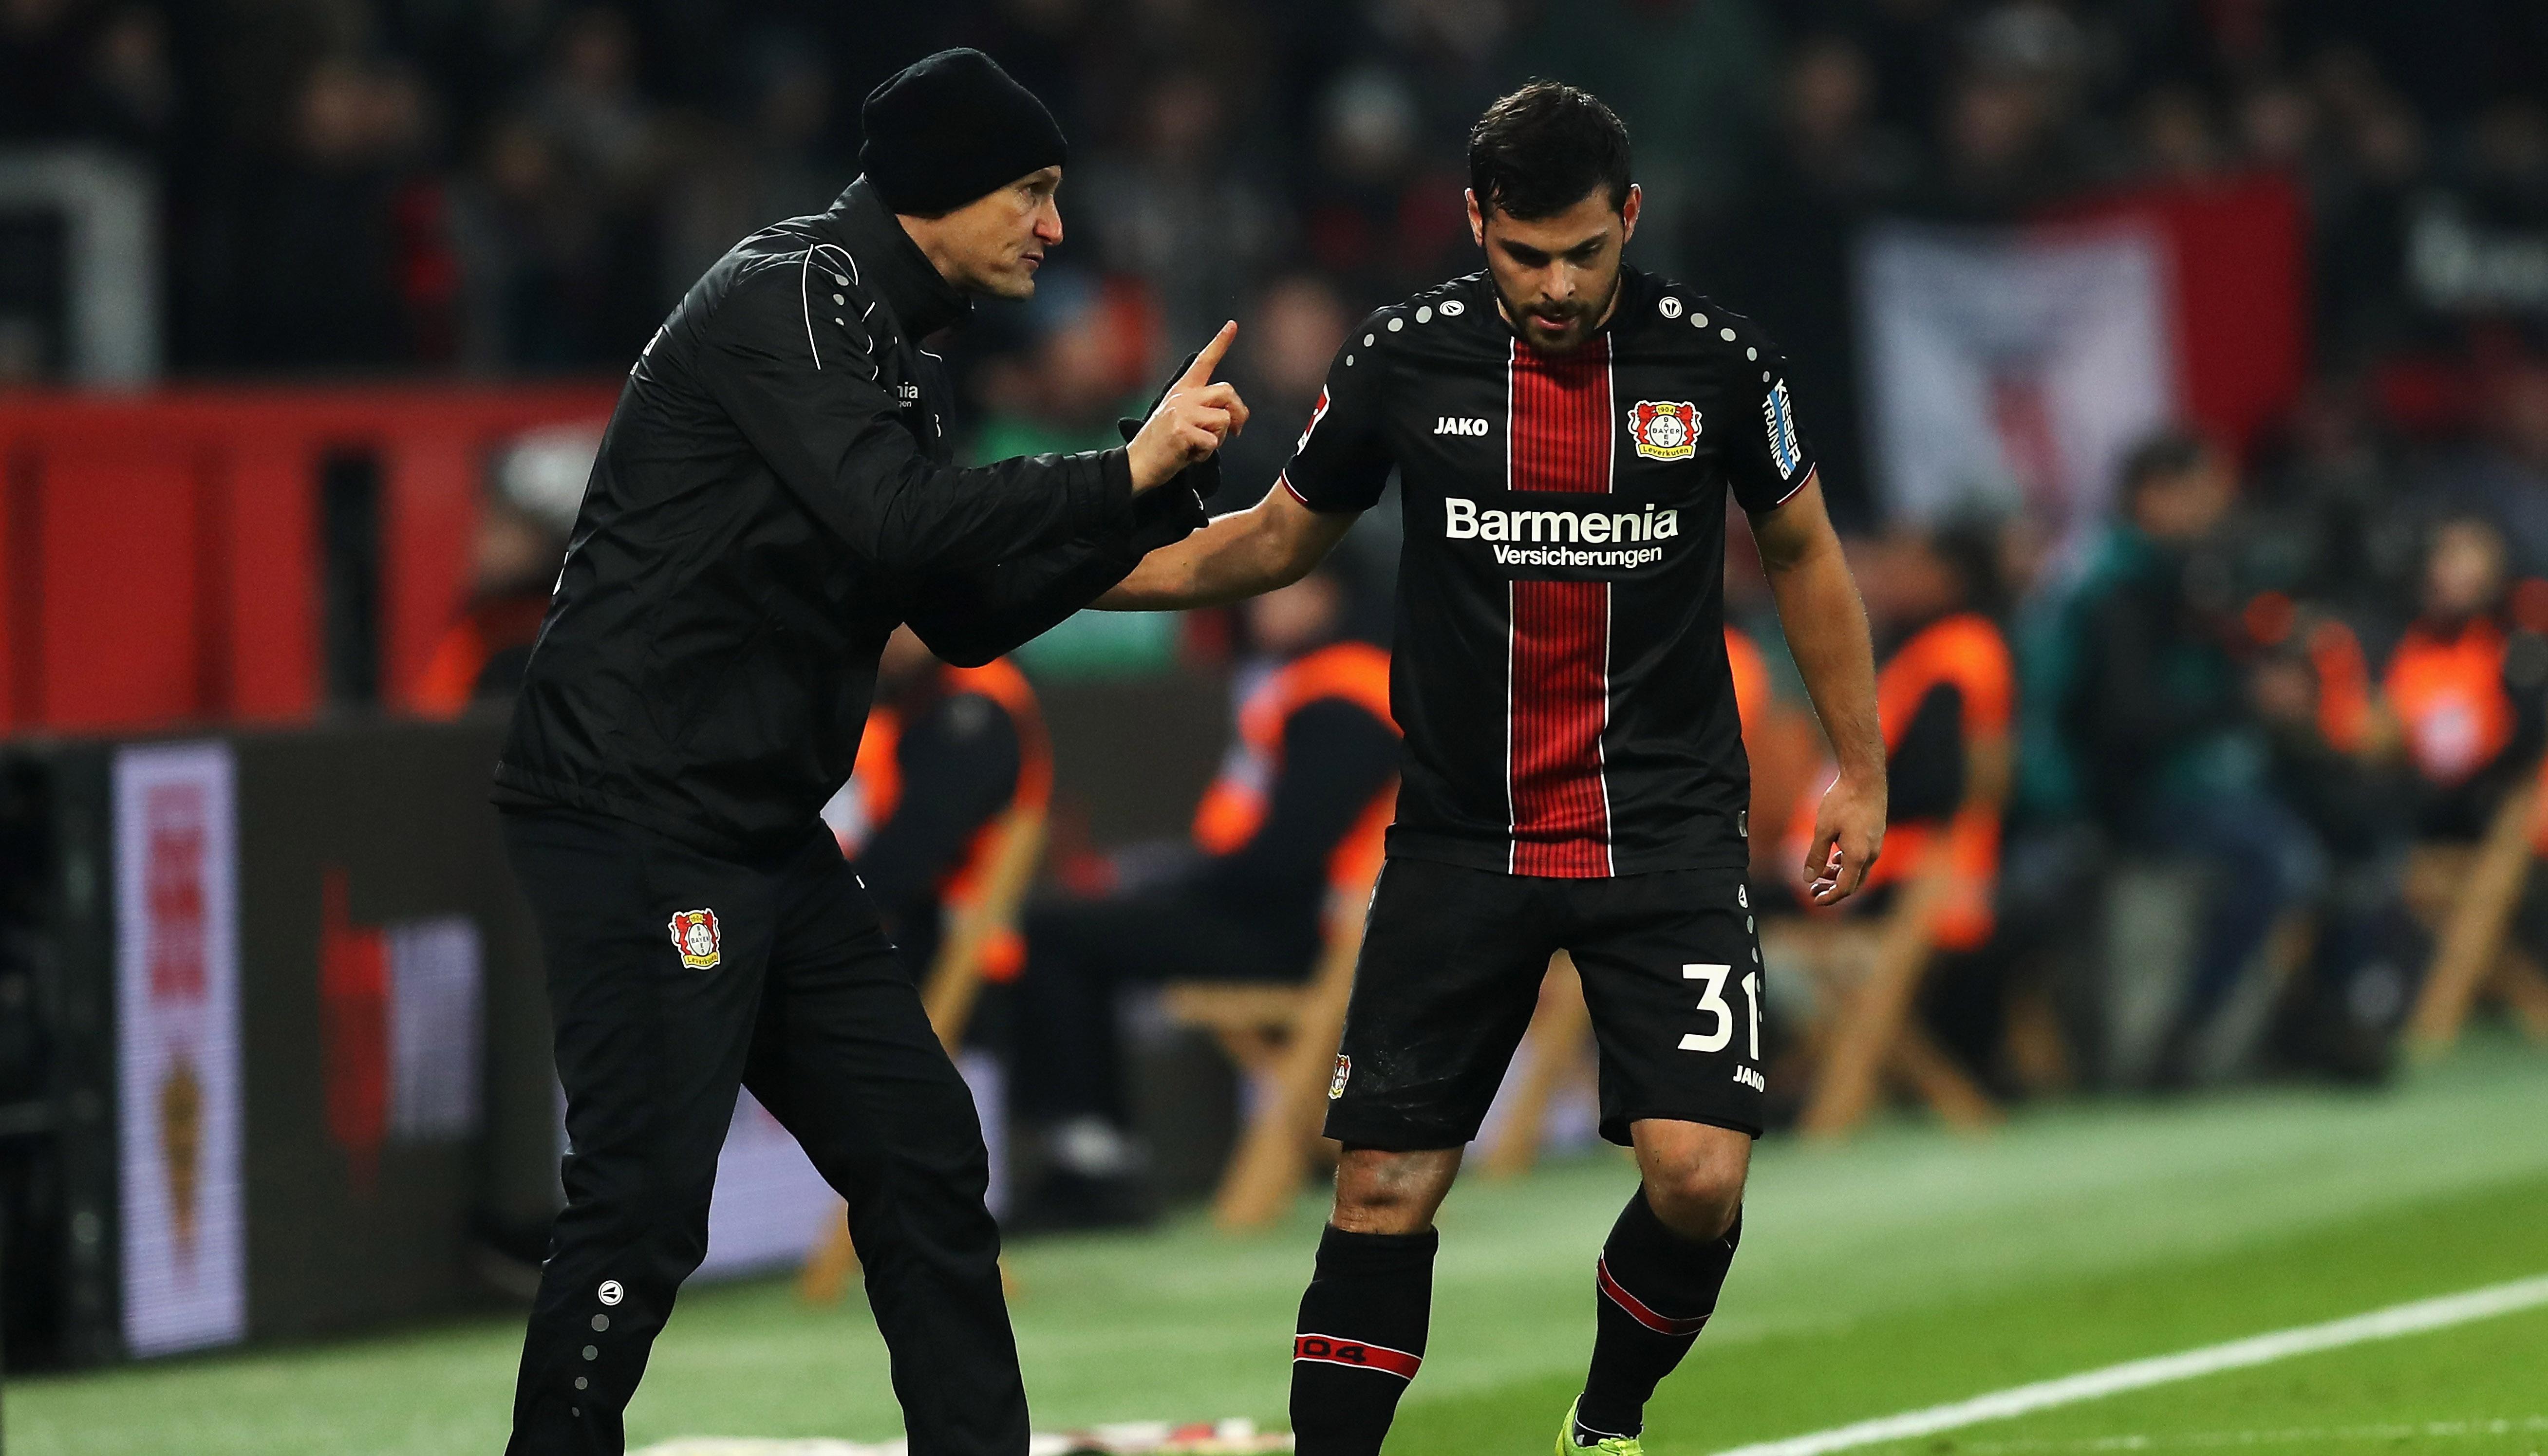 Bayer Leverkusen – Ludogorez Rasgrad: Stabilität und der Gruppensieg sind die Ziele